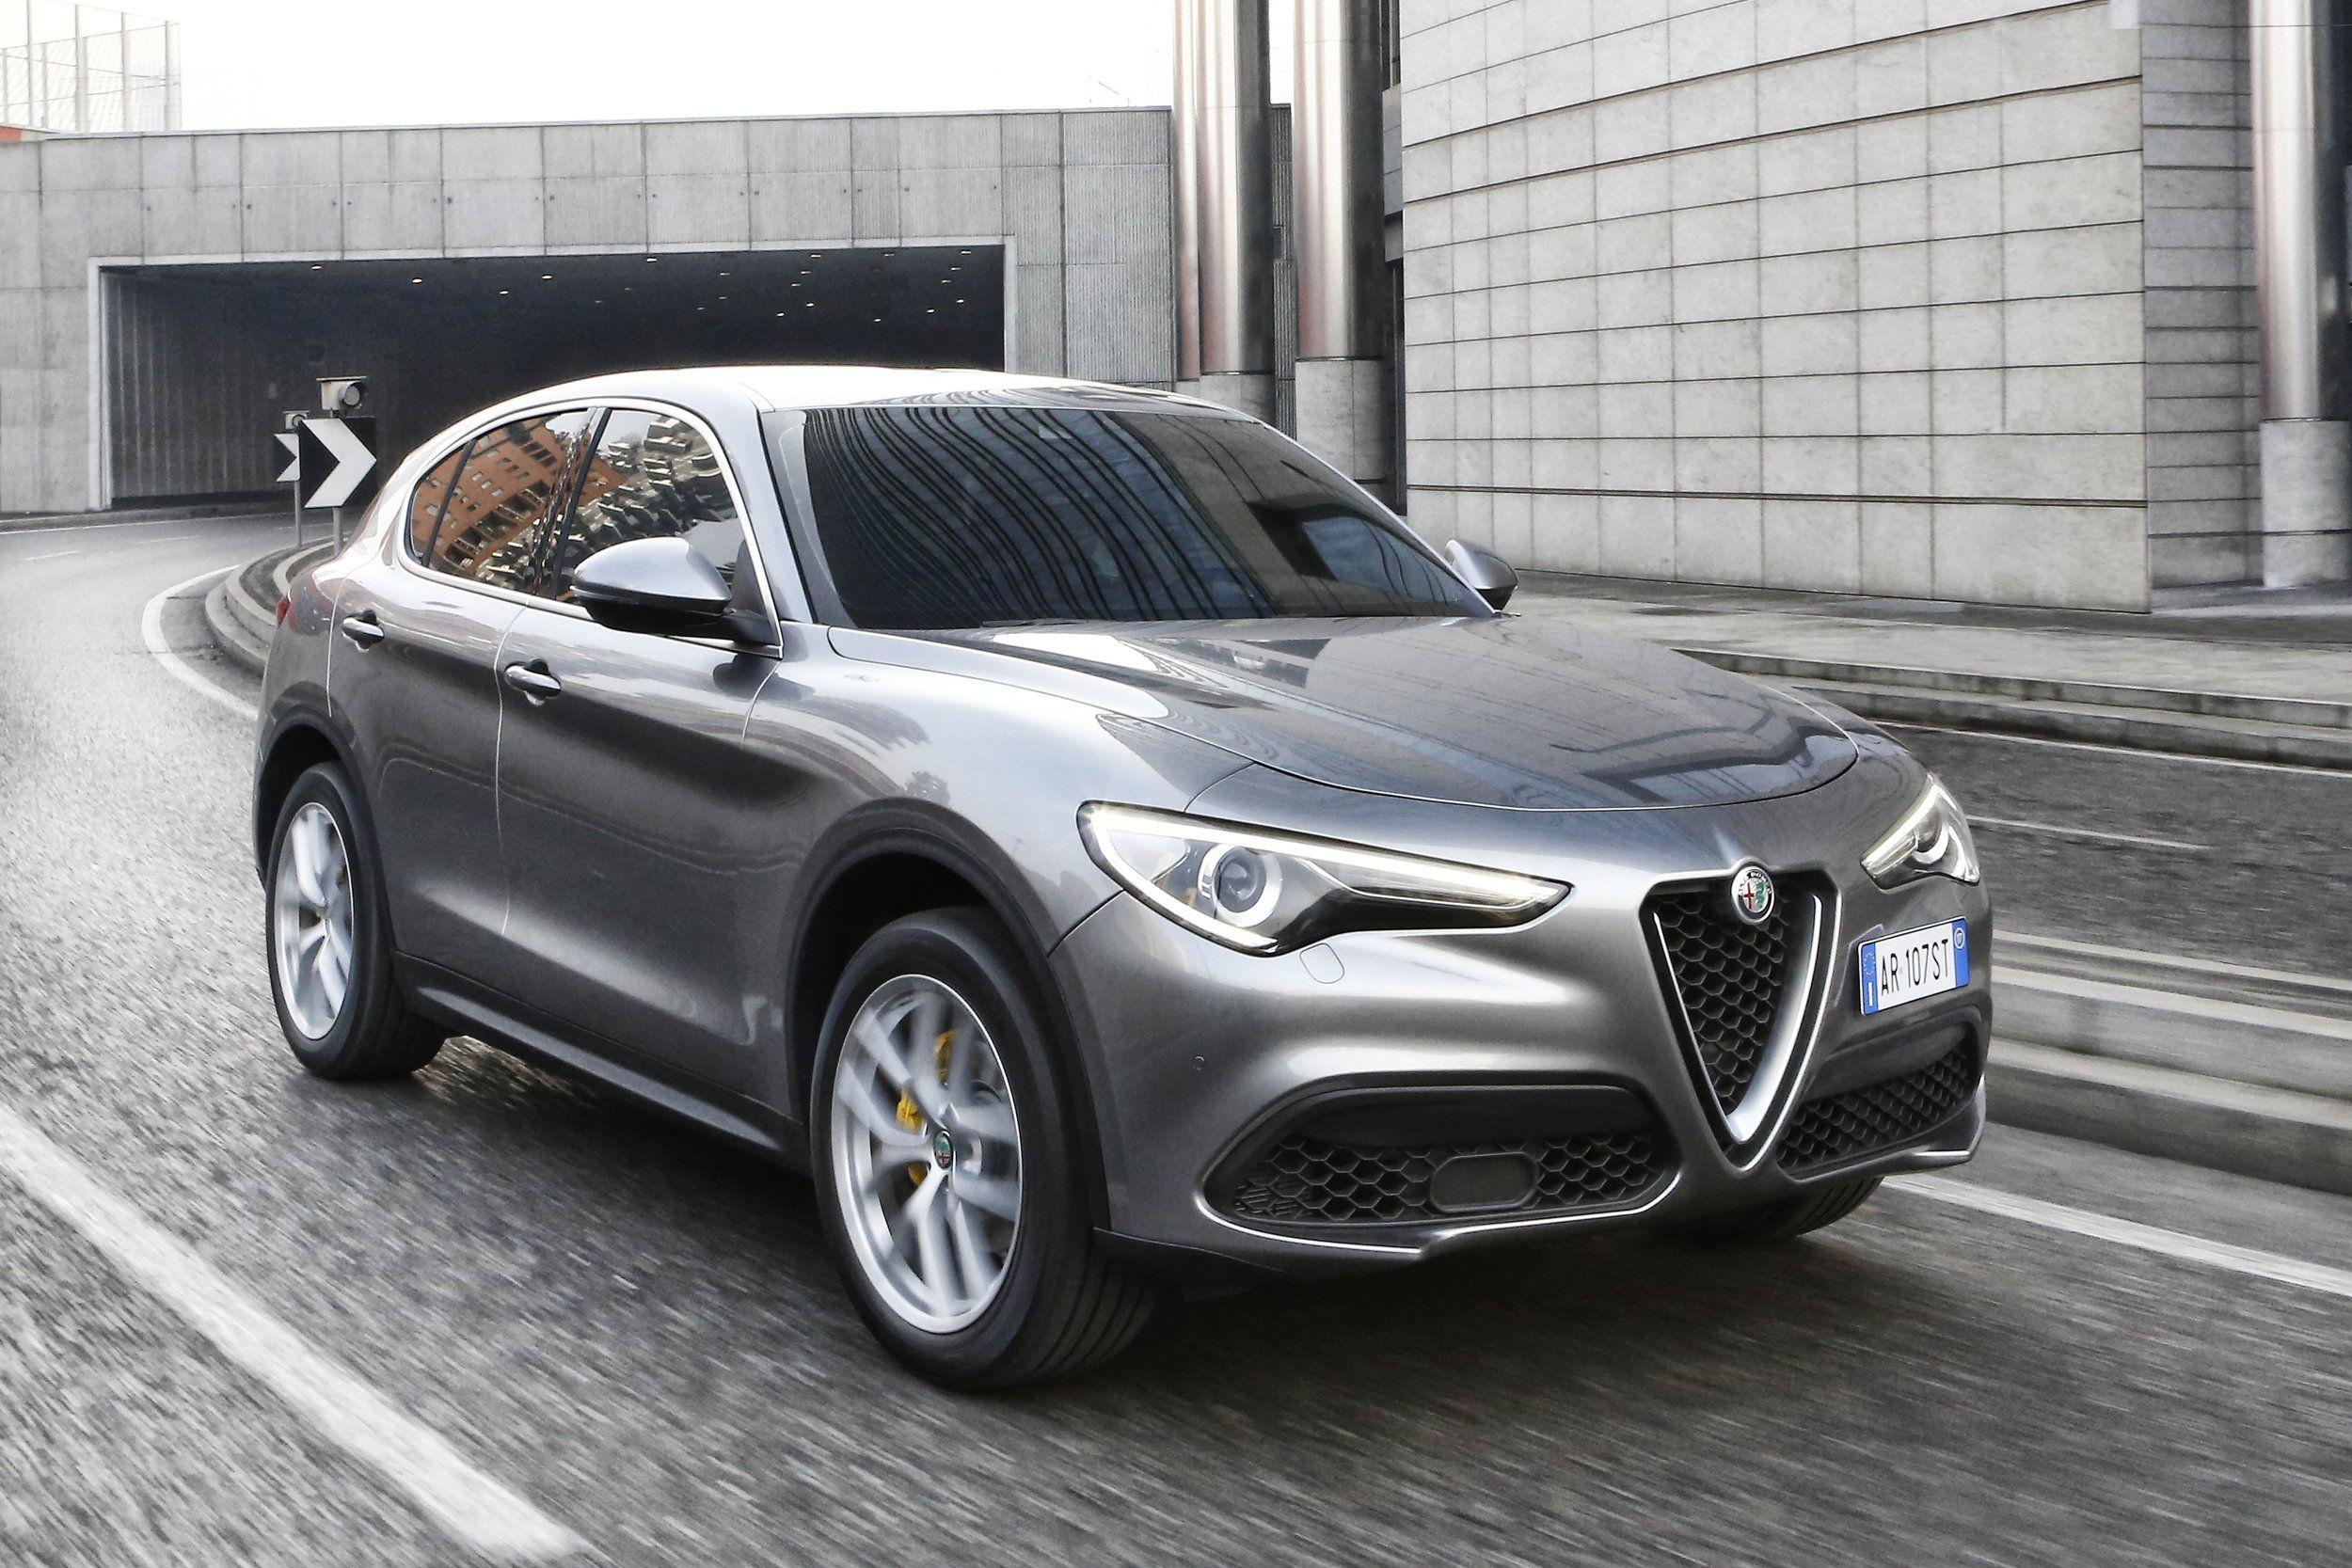 SUV Stelvio AWD Stelvio Alfa Romeo STELVIO